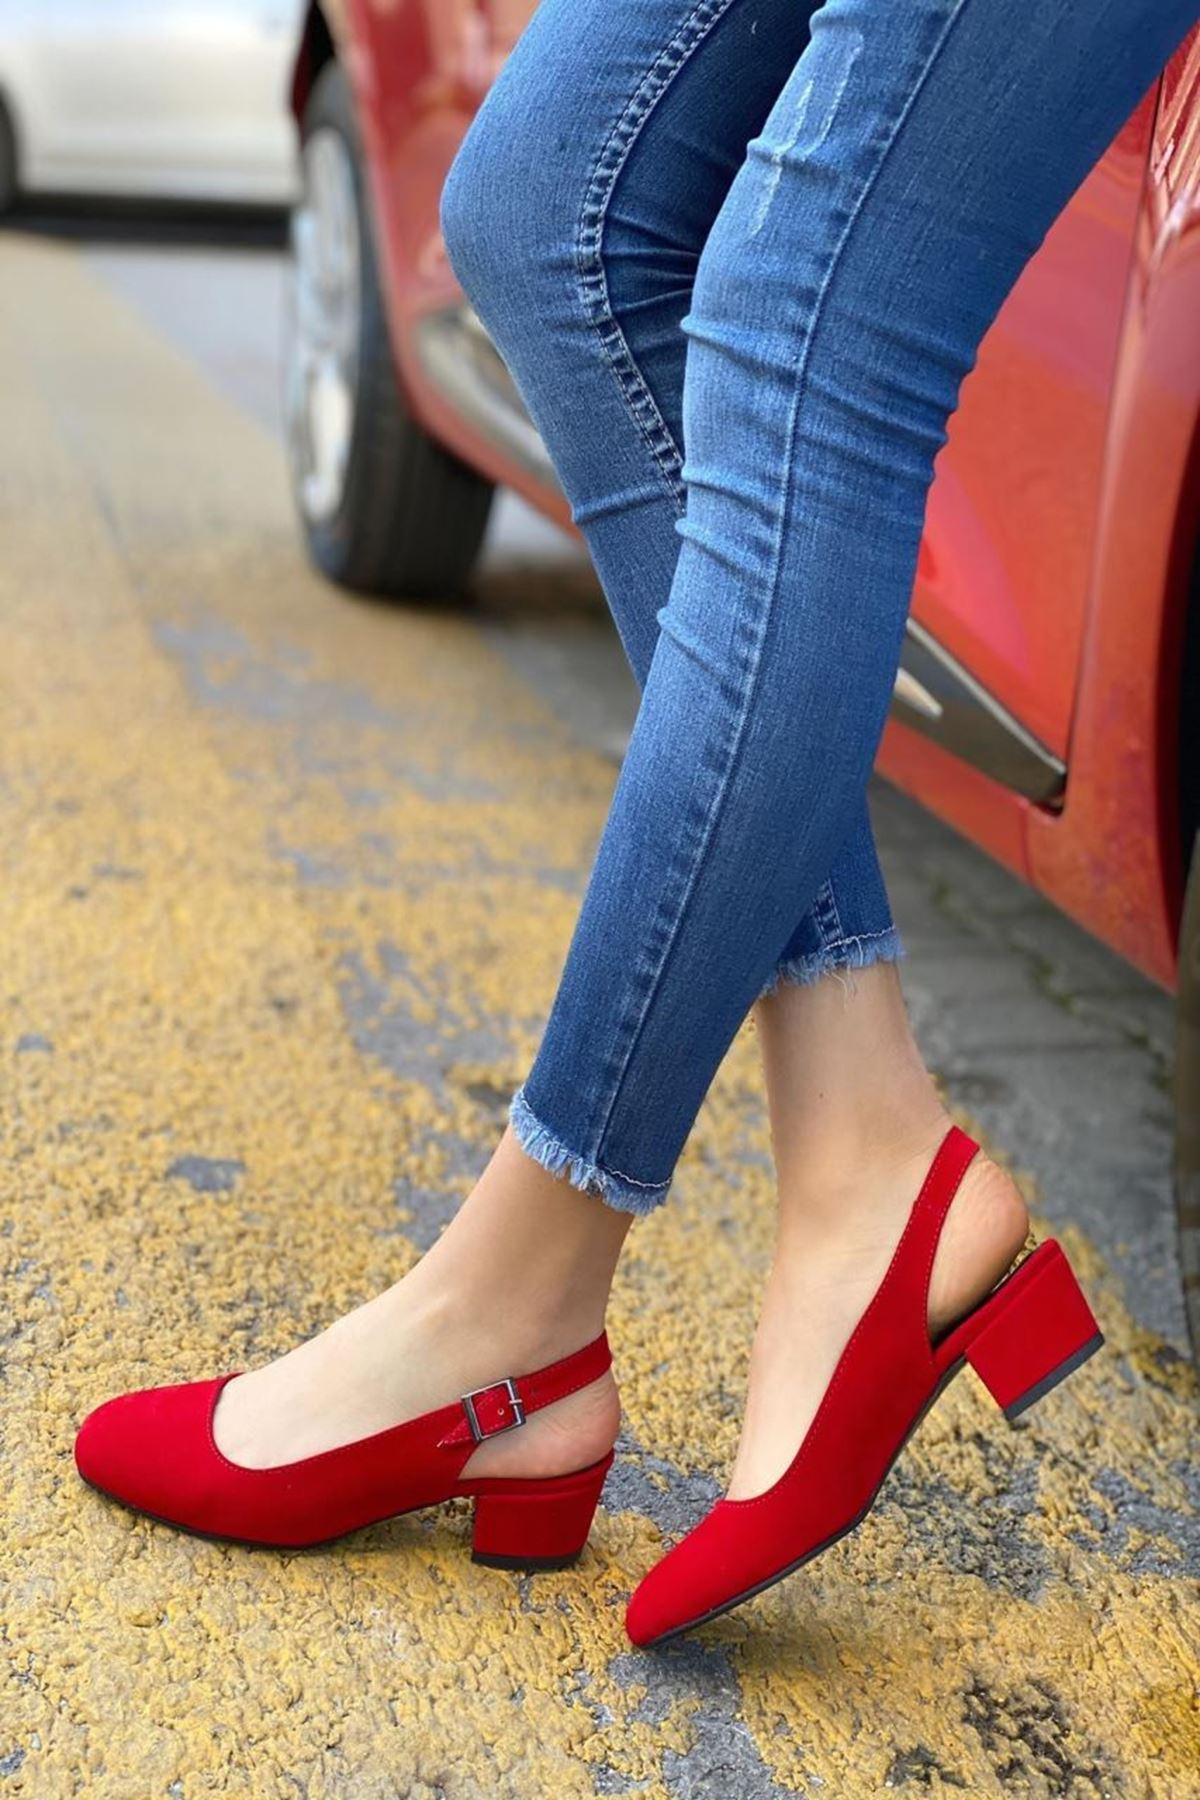 Kadın Merine Kırmızı Deri Kısa Topuklu Ayakkabı